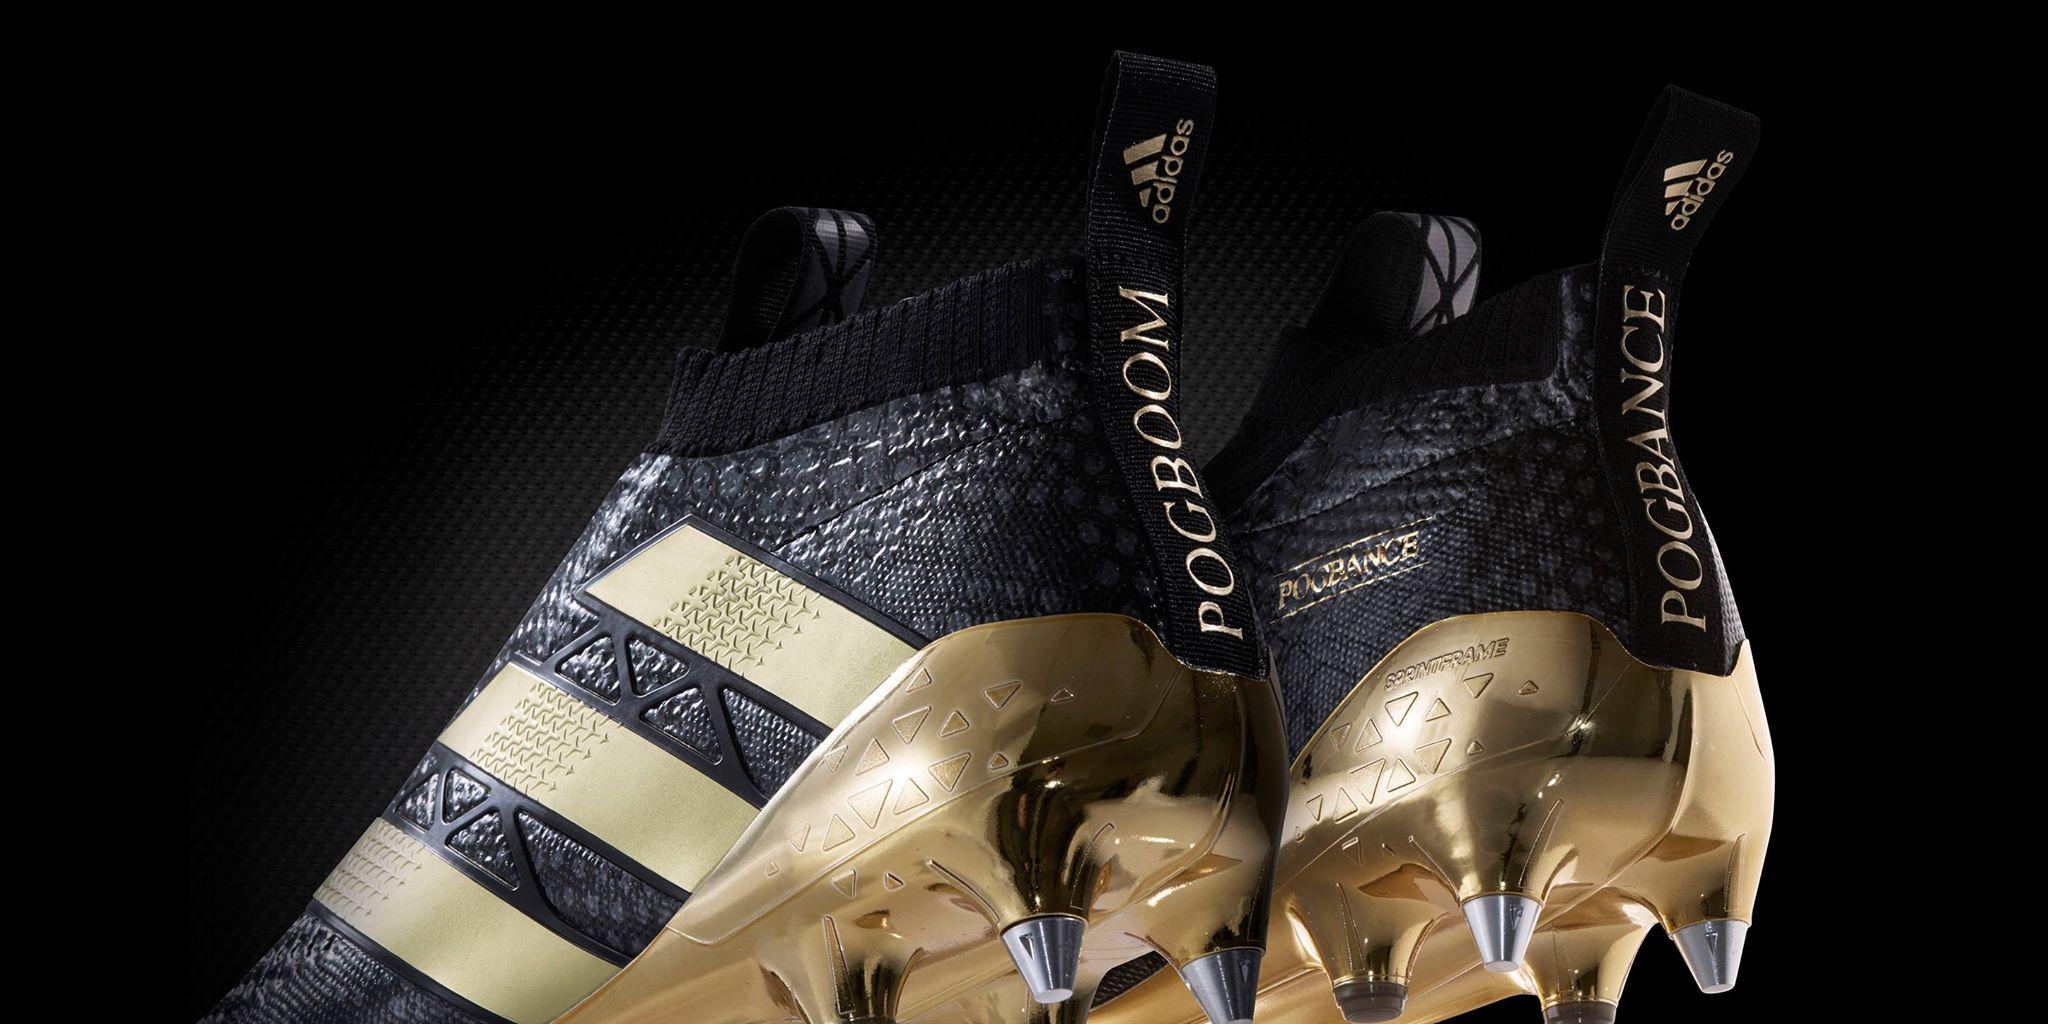 28c08006c5 Adidas Ace 16 Bianche E Oro villaprati.it